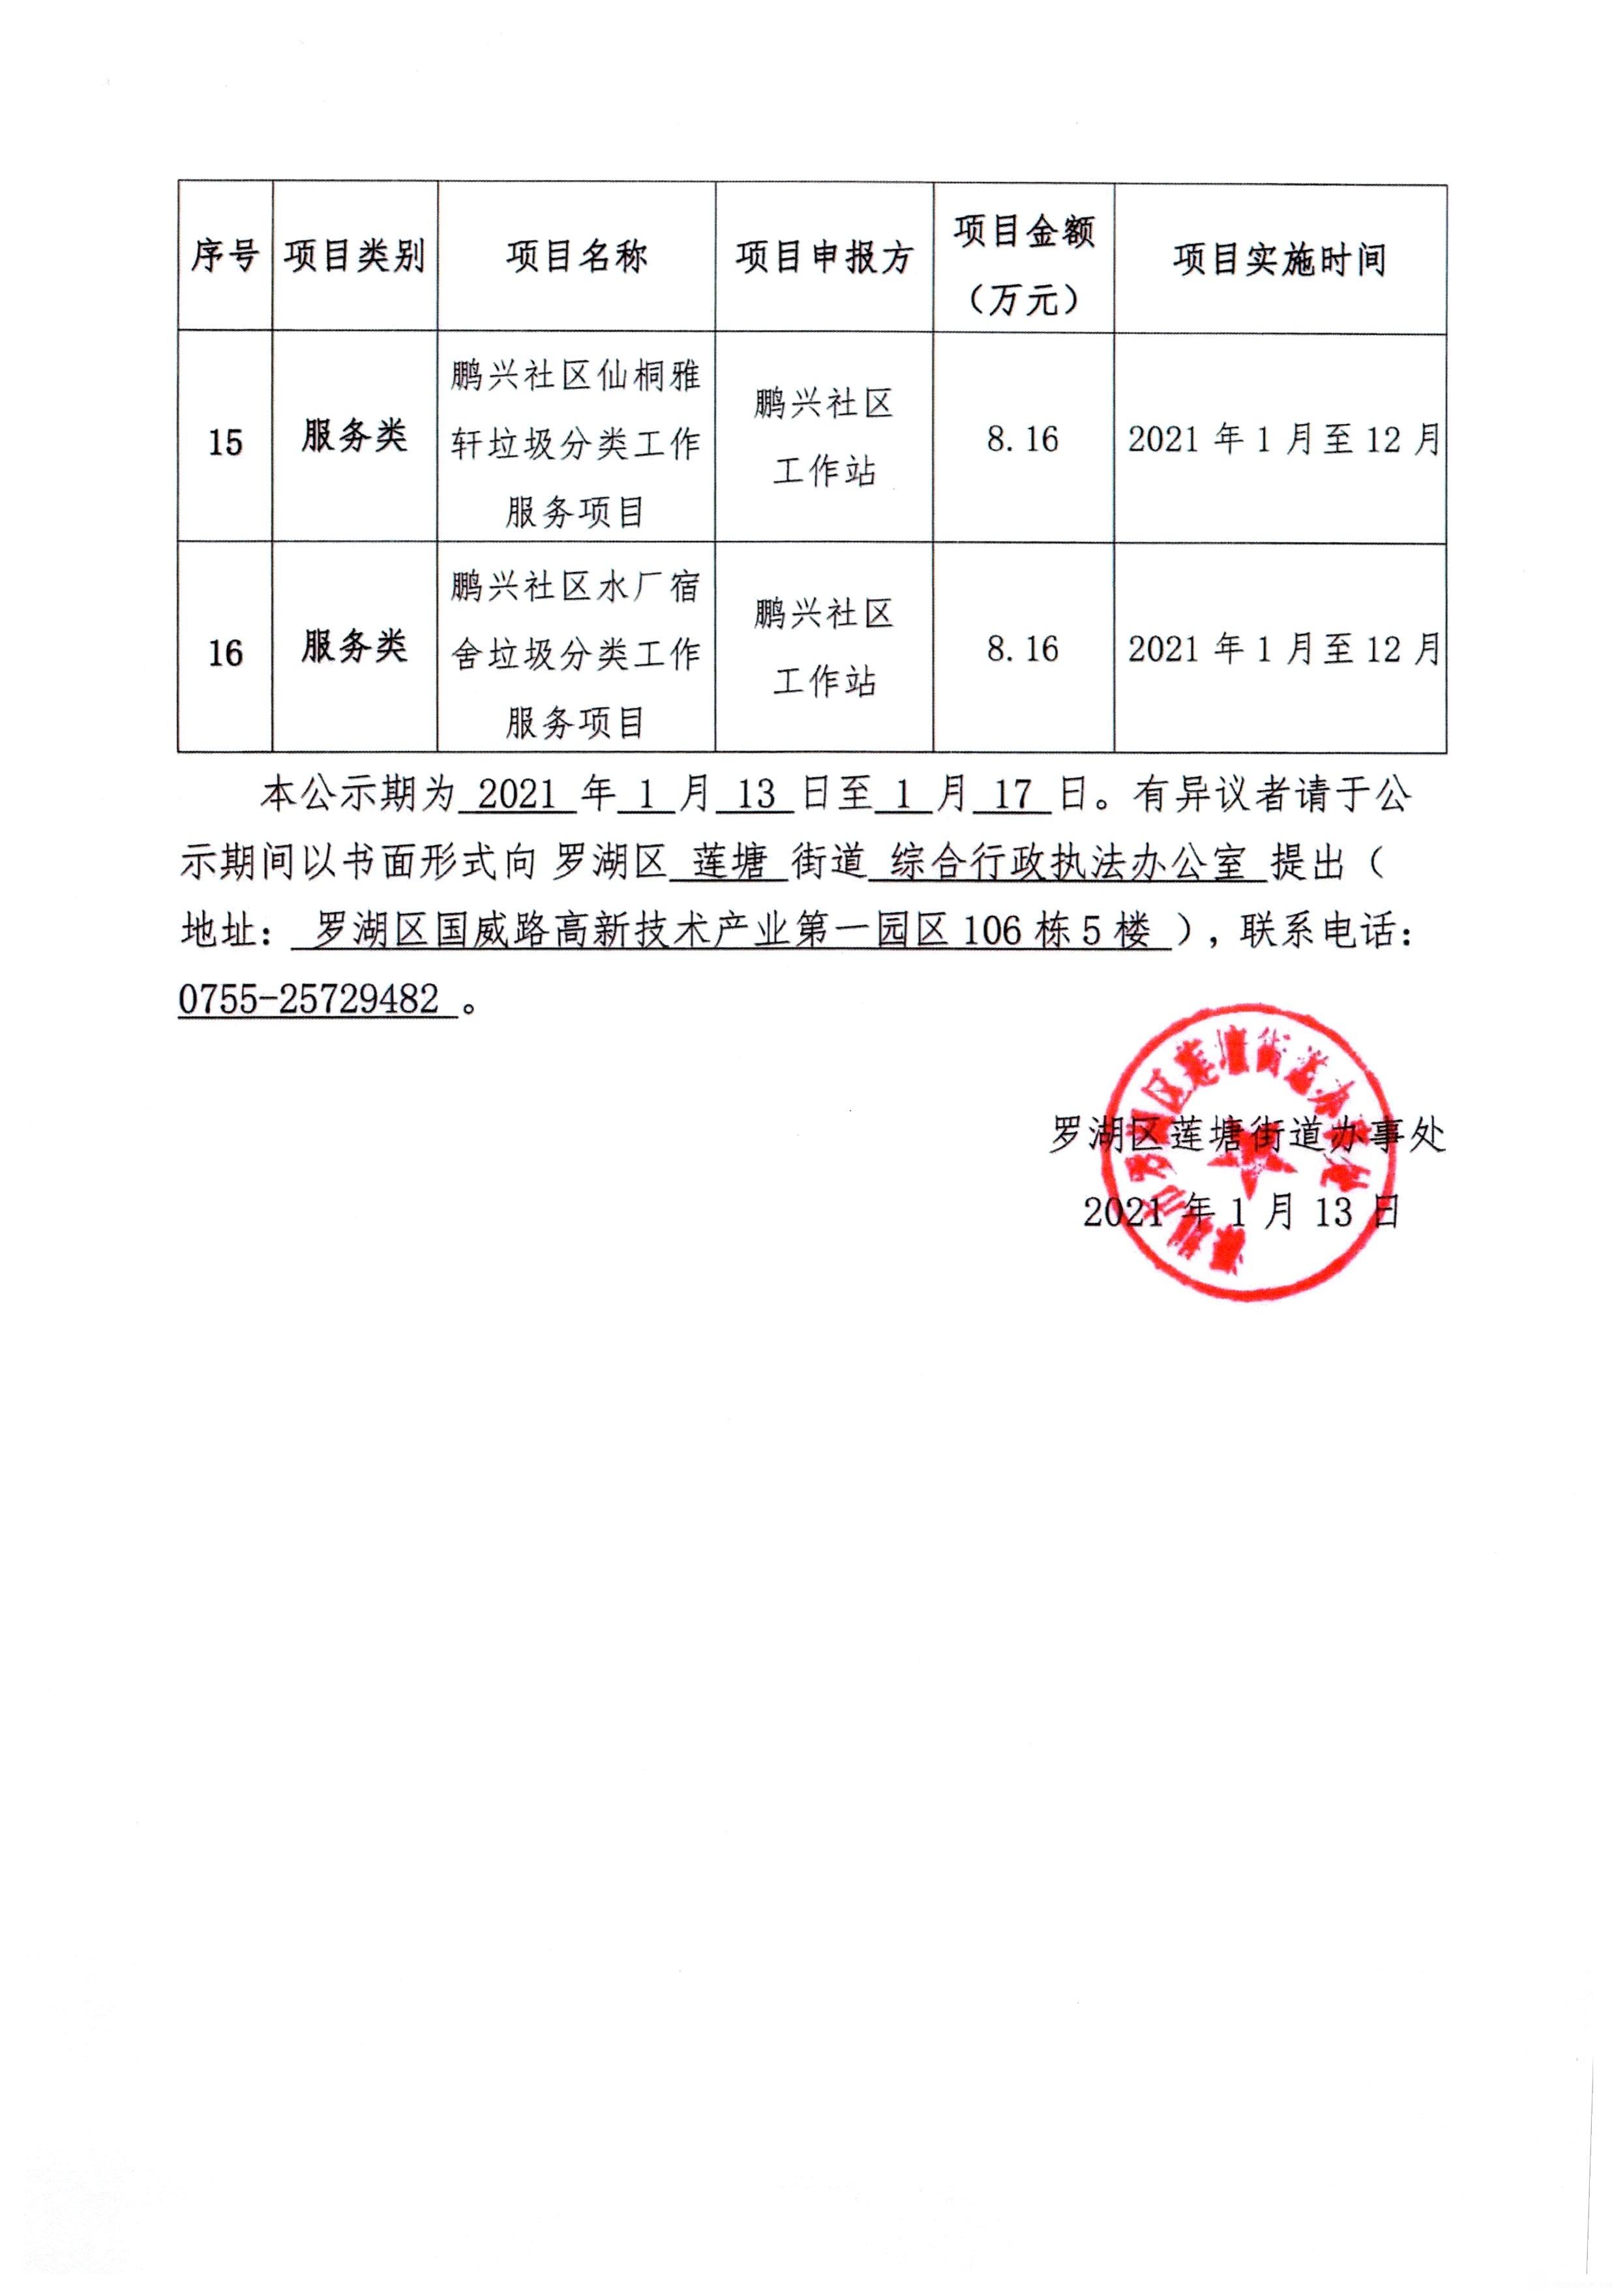 党工委公示扫描件3.jpg